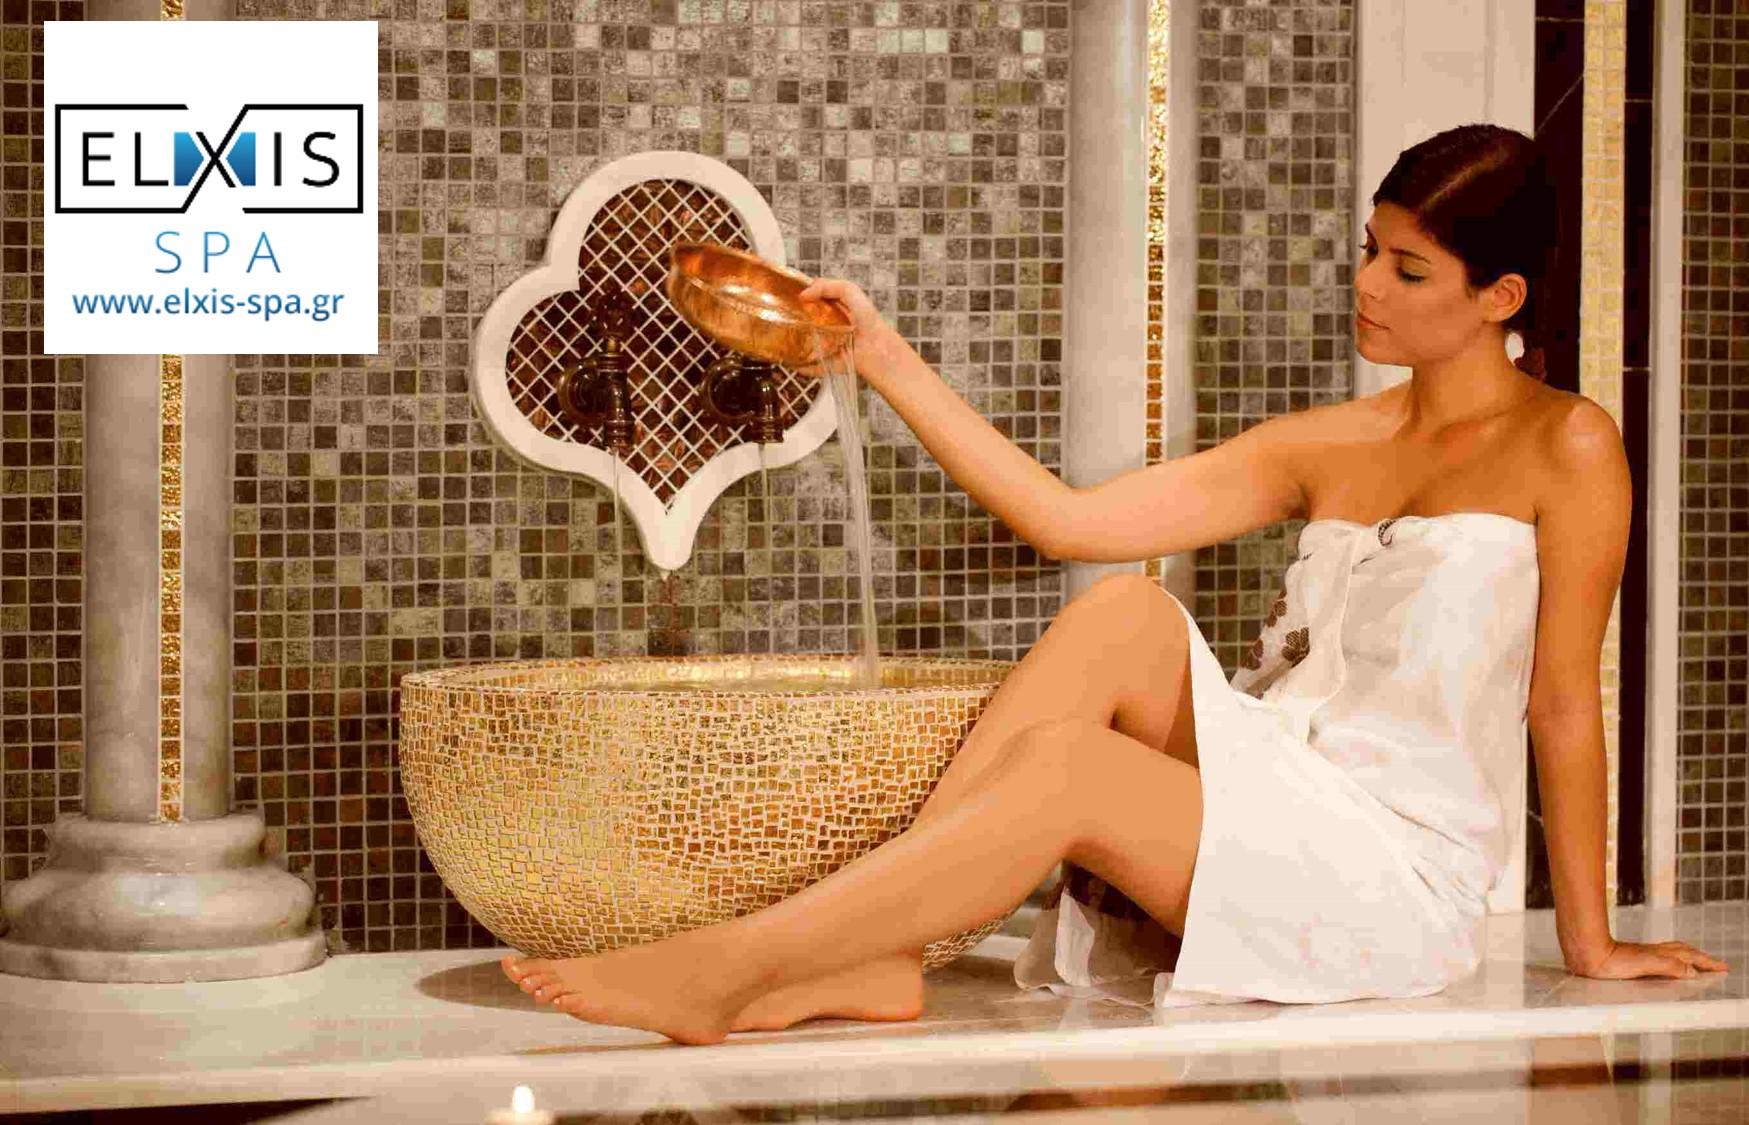 22€ από 110€ για Body Spa Therapy 90' που περιλαμβάνει Χαλαρωτικό μασάζ, Βody refiner, Χαμάμ & ΔΩΡΟ Xτένισμα/Λούσιμο, στο ολοκαίνουργιο πολυτελές ''Elxis Spa'' στο Σύνταγμα εικόνα